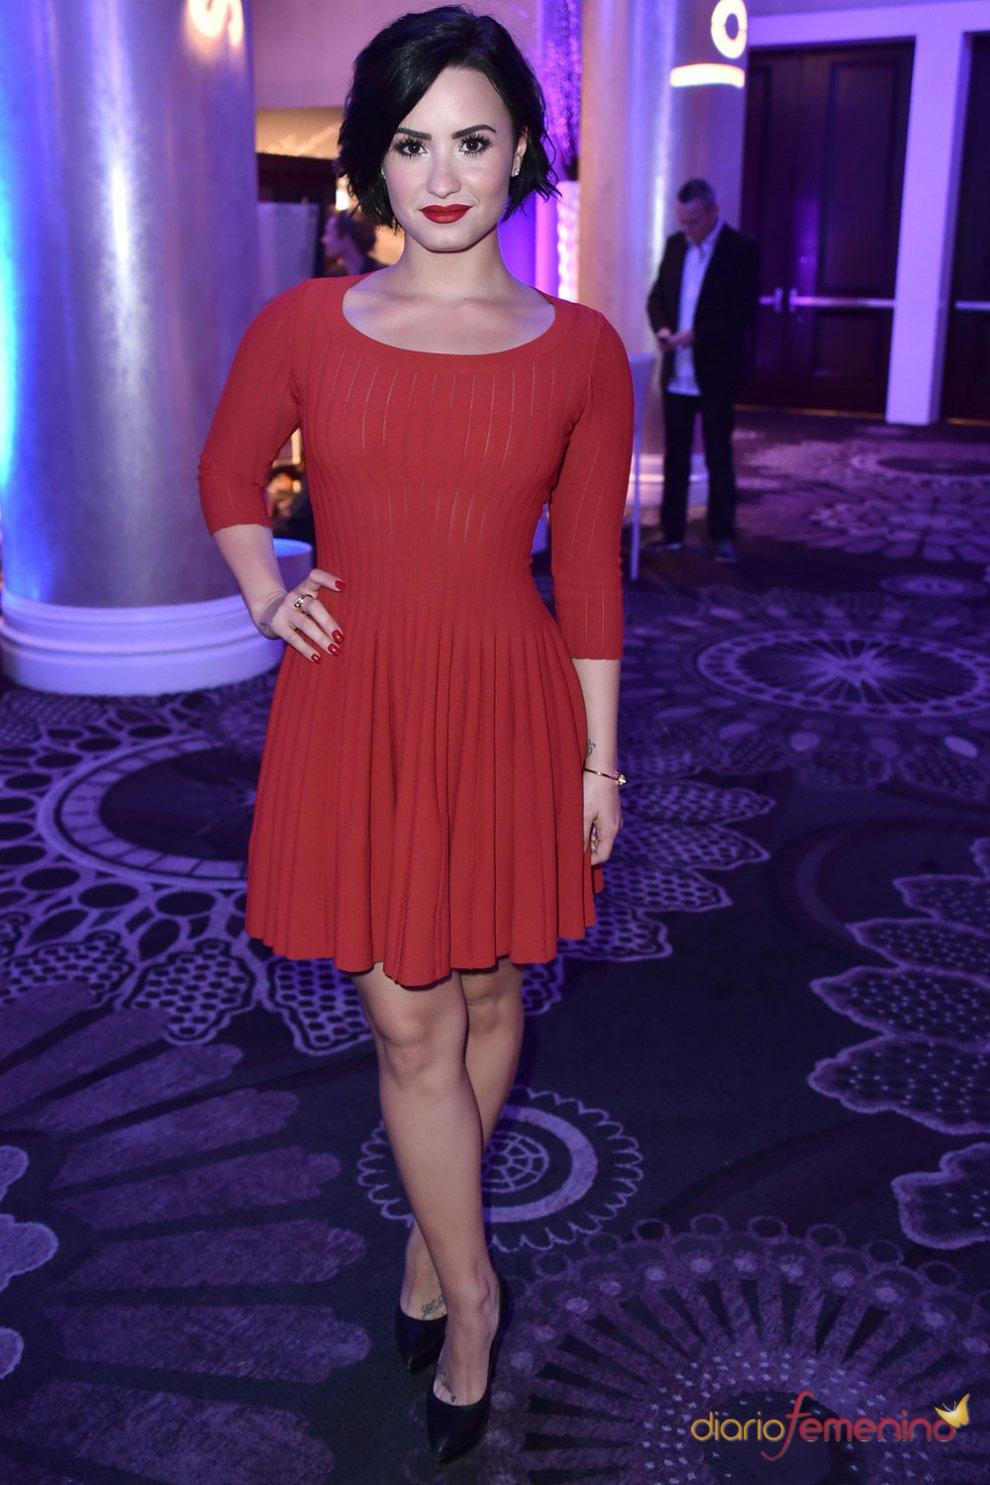 Vestidos para la cena de empresa: el rojo de Demi Lovato